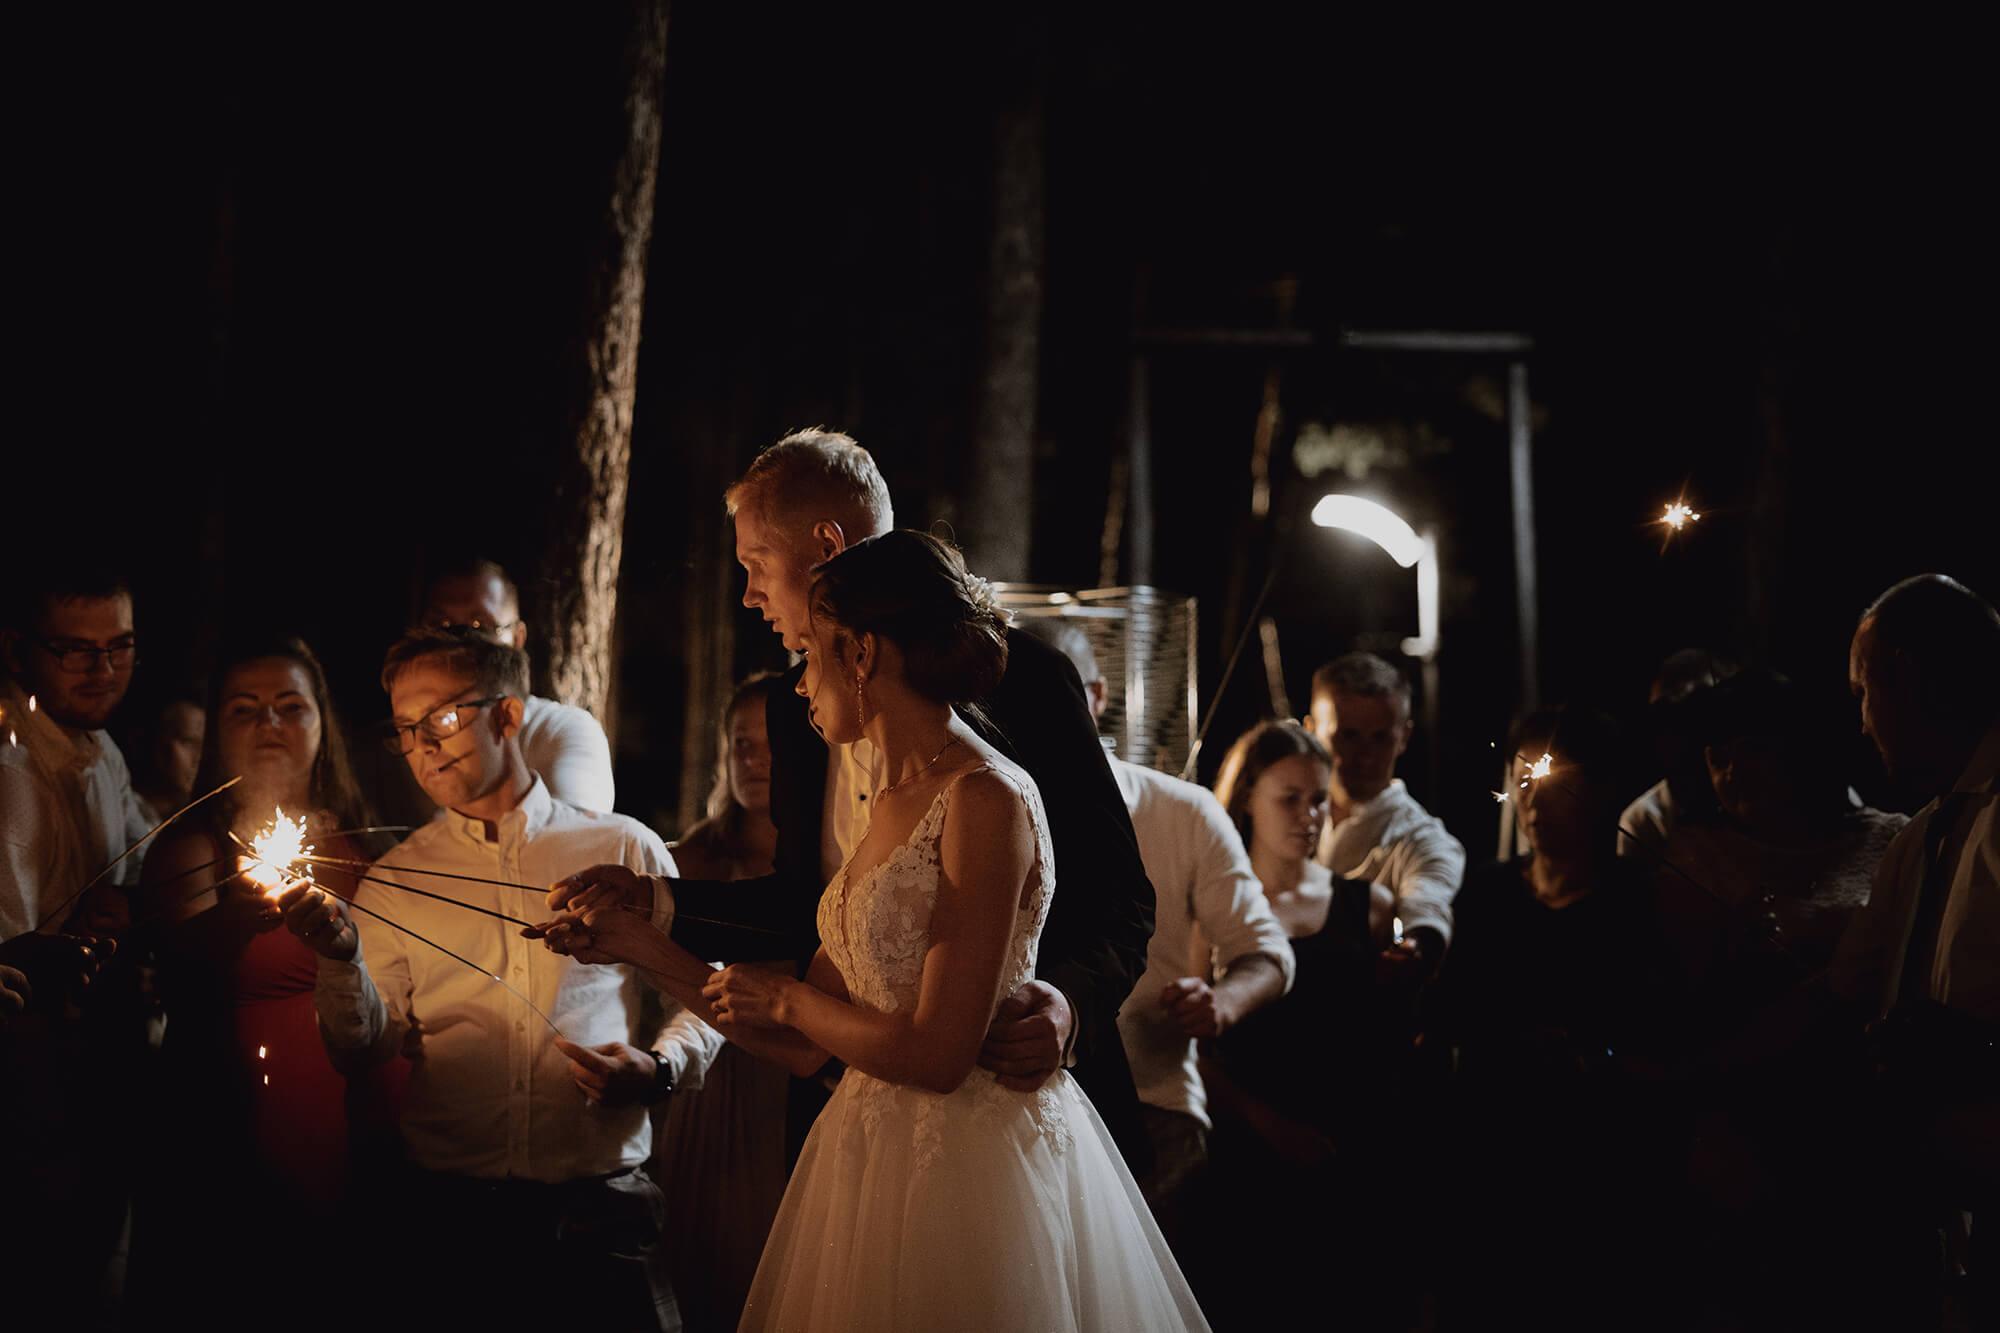 Slub wesele w dworze Hulanka00119 - Ola + Maciej | wesele w Dworze Hulanka